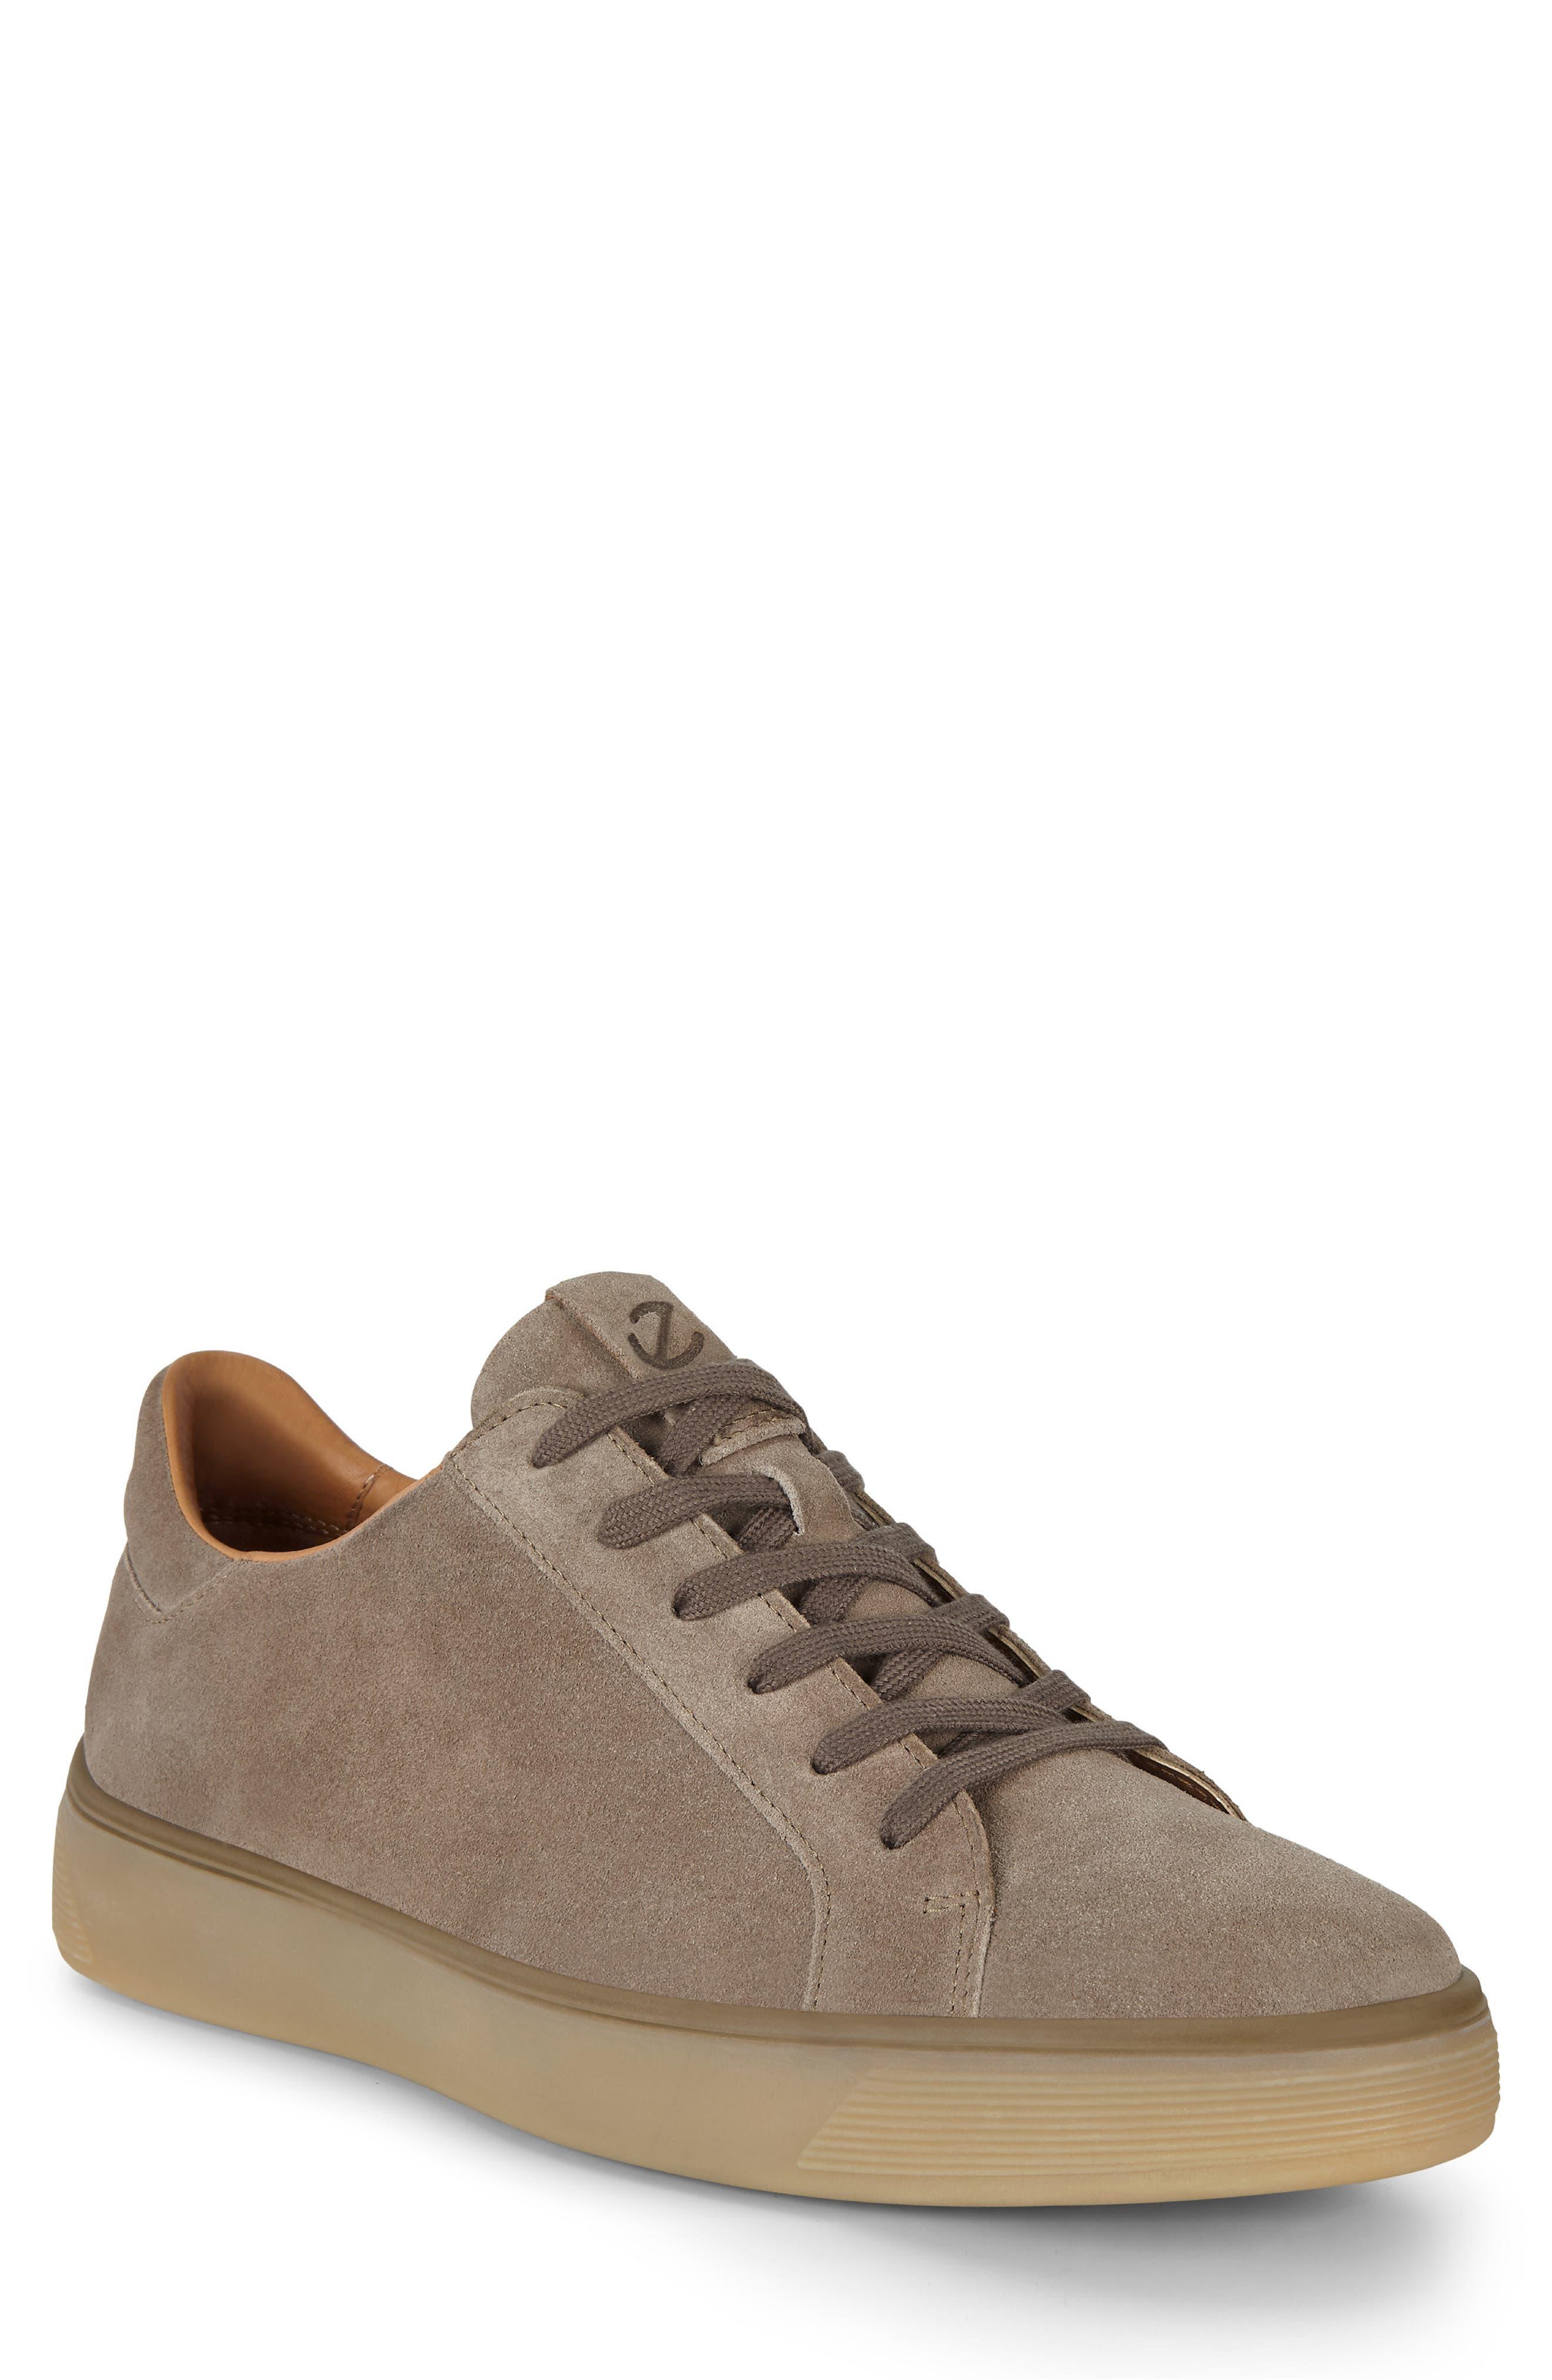 ECCO Men's Ecco Street Tray Suede Sneaker, Size 11-11.5US - Brown